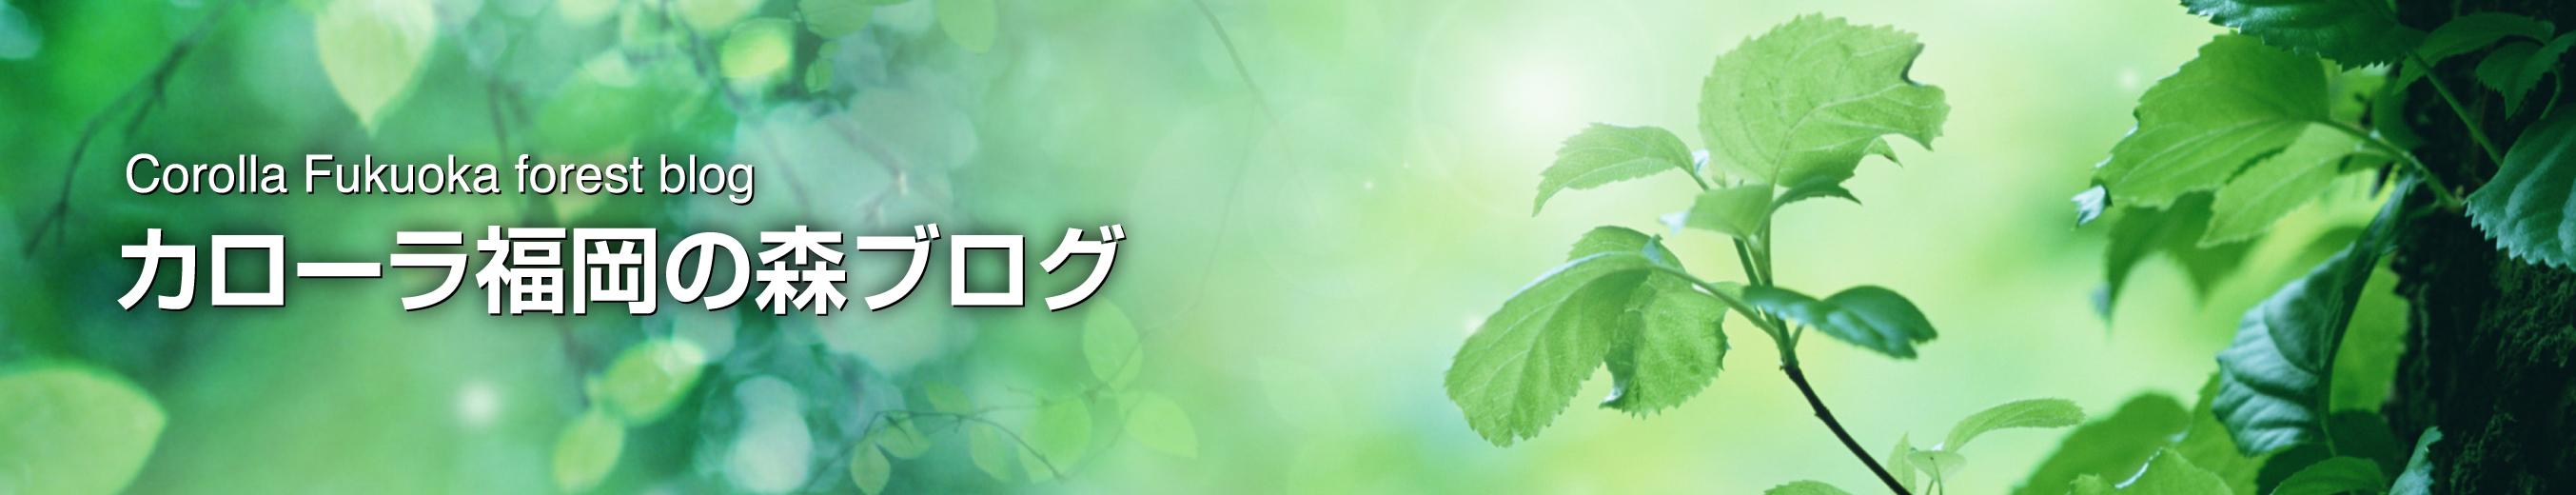 カローラ福岡の森ブログ